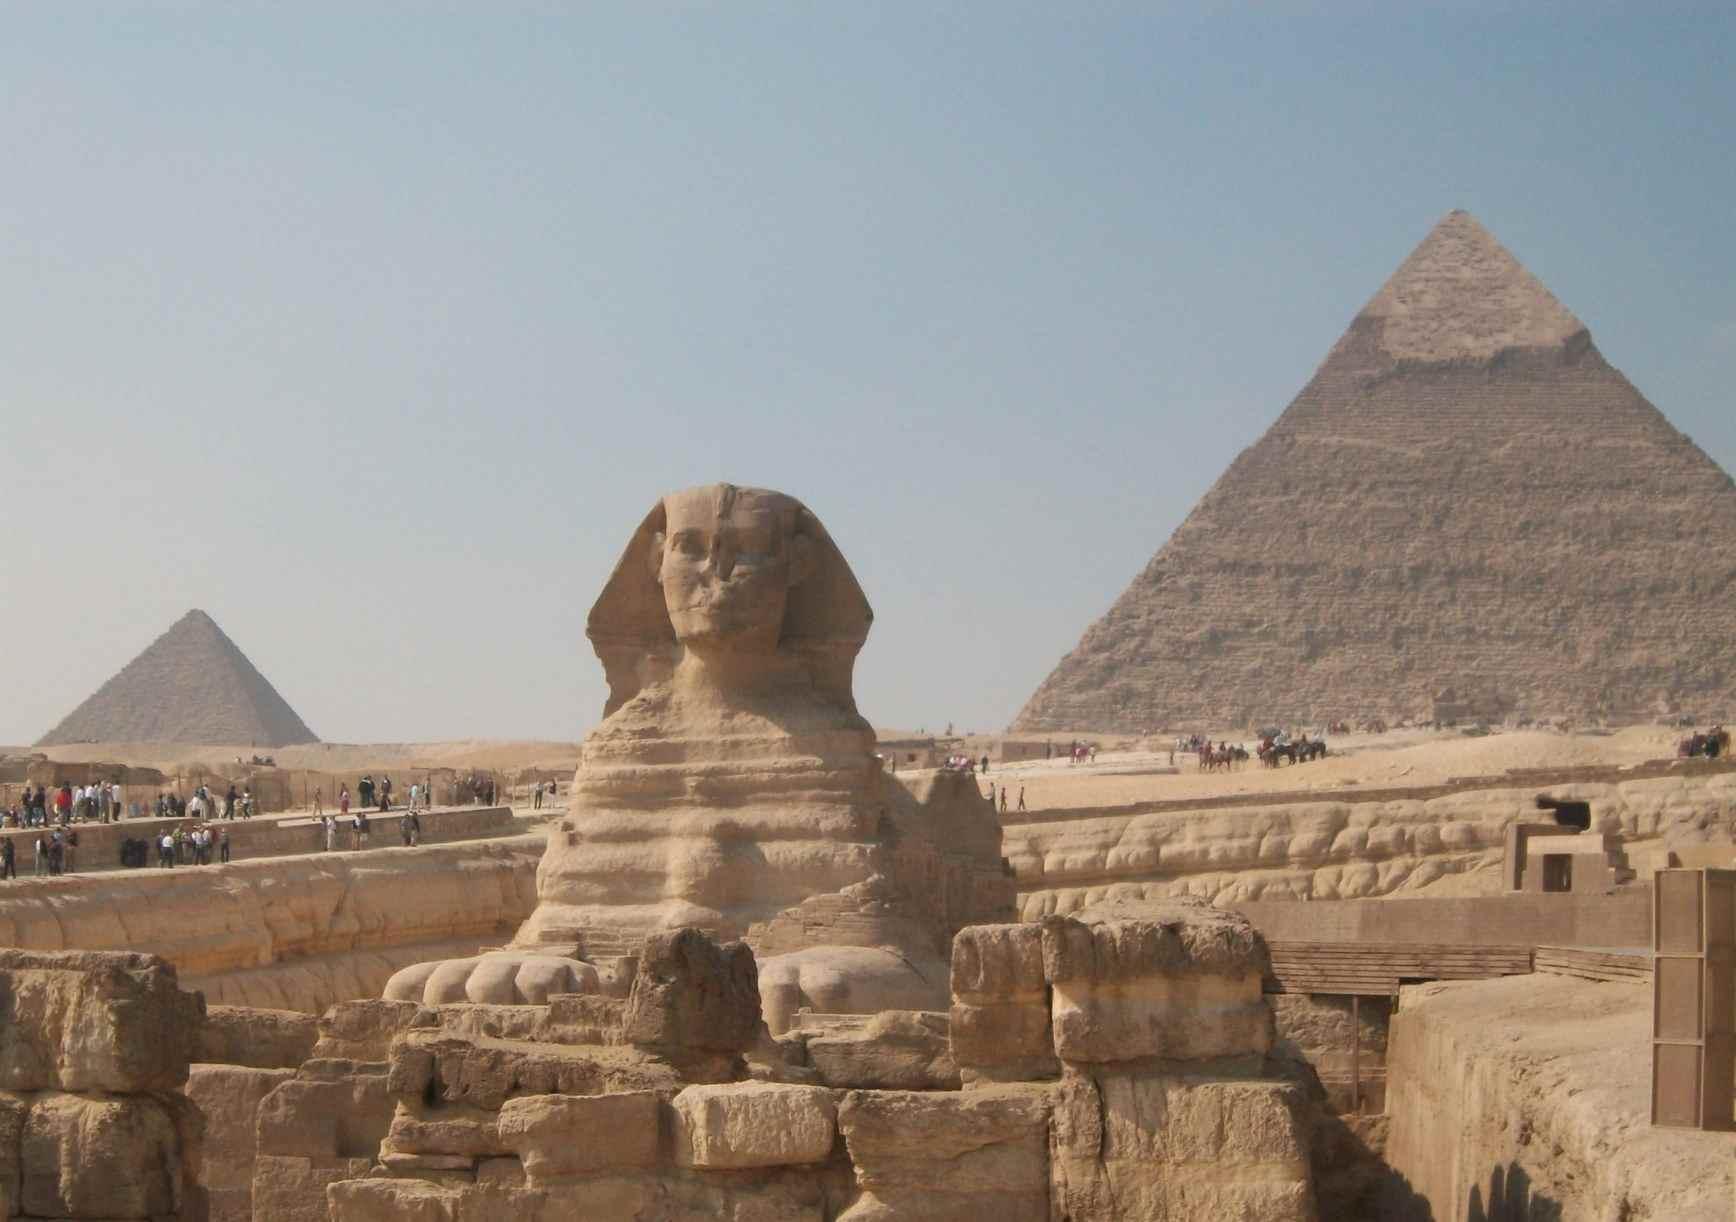 تمثال ابو الهول مصر من اهم اماكن السياحة في مصر القاهرة